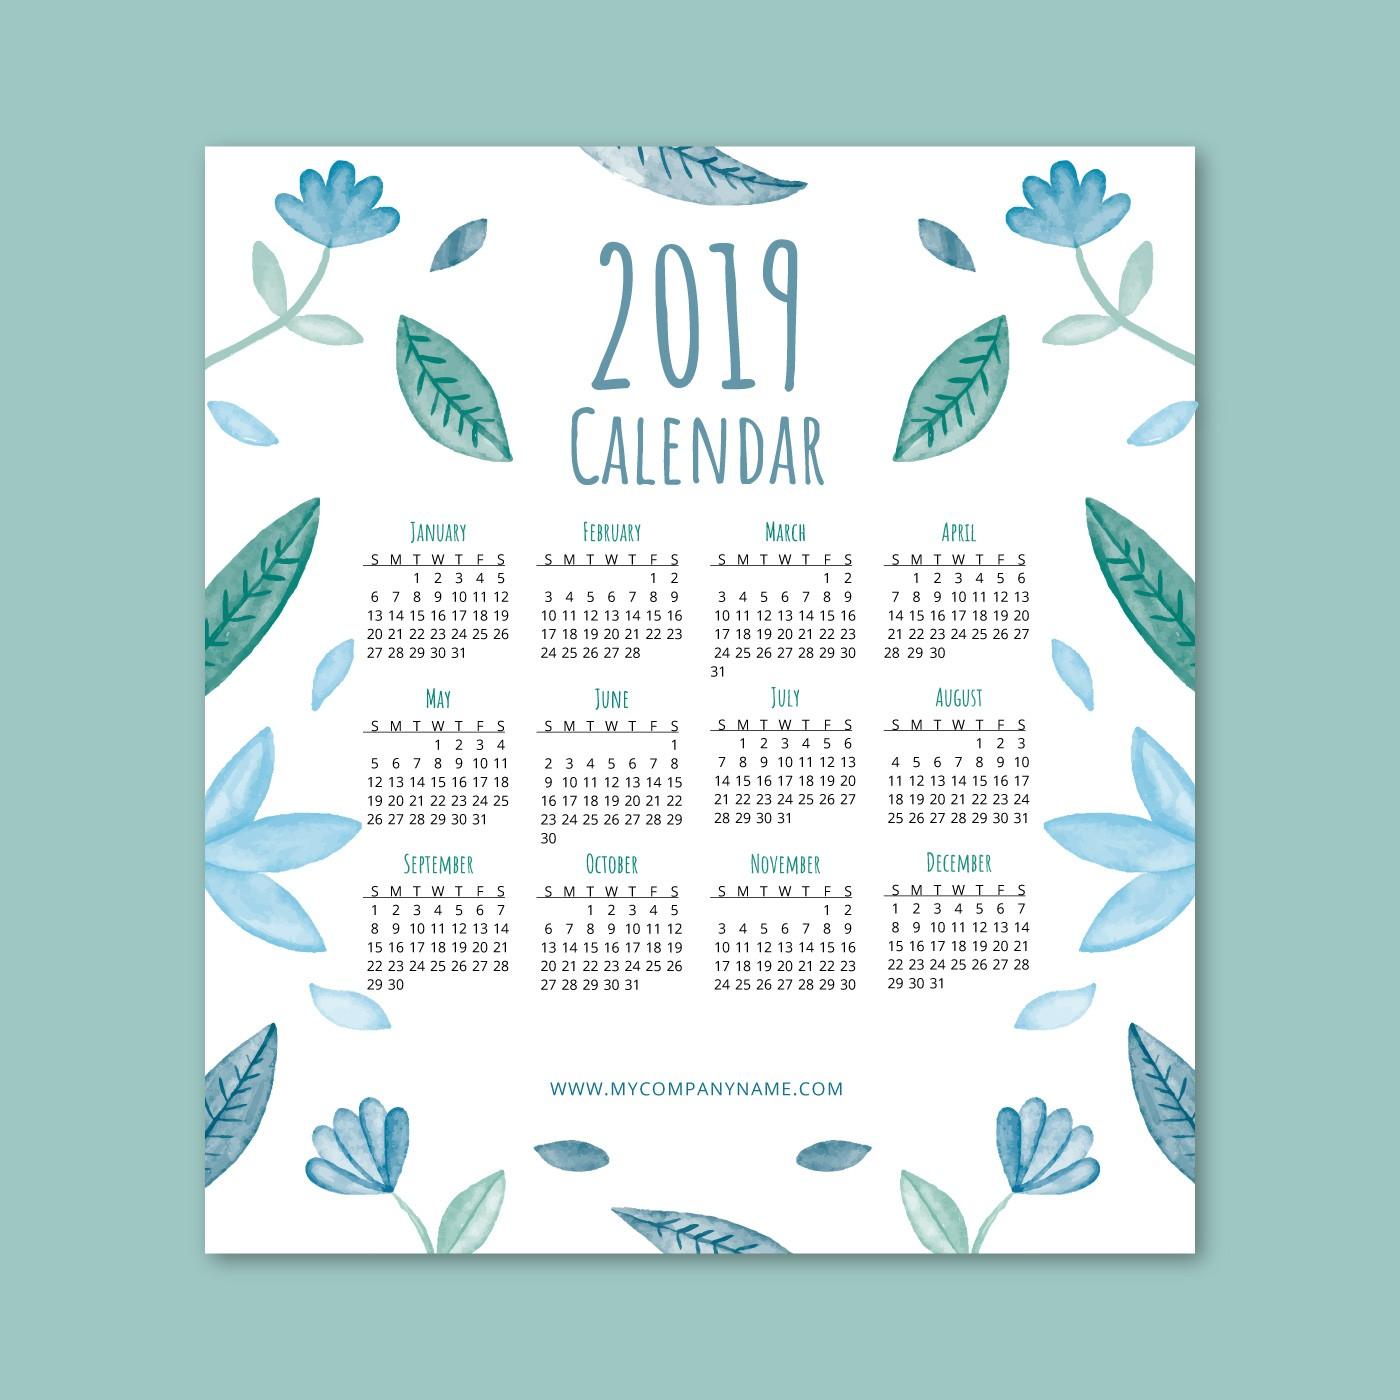 Lindo calendario 2019 con hojas azules y flores Descargue Gráficos y Vectores Gratis